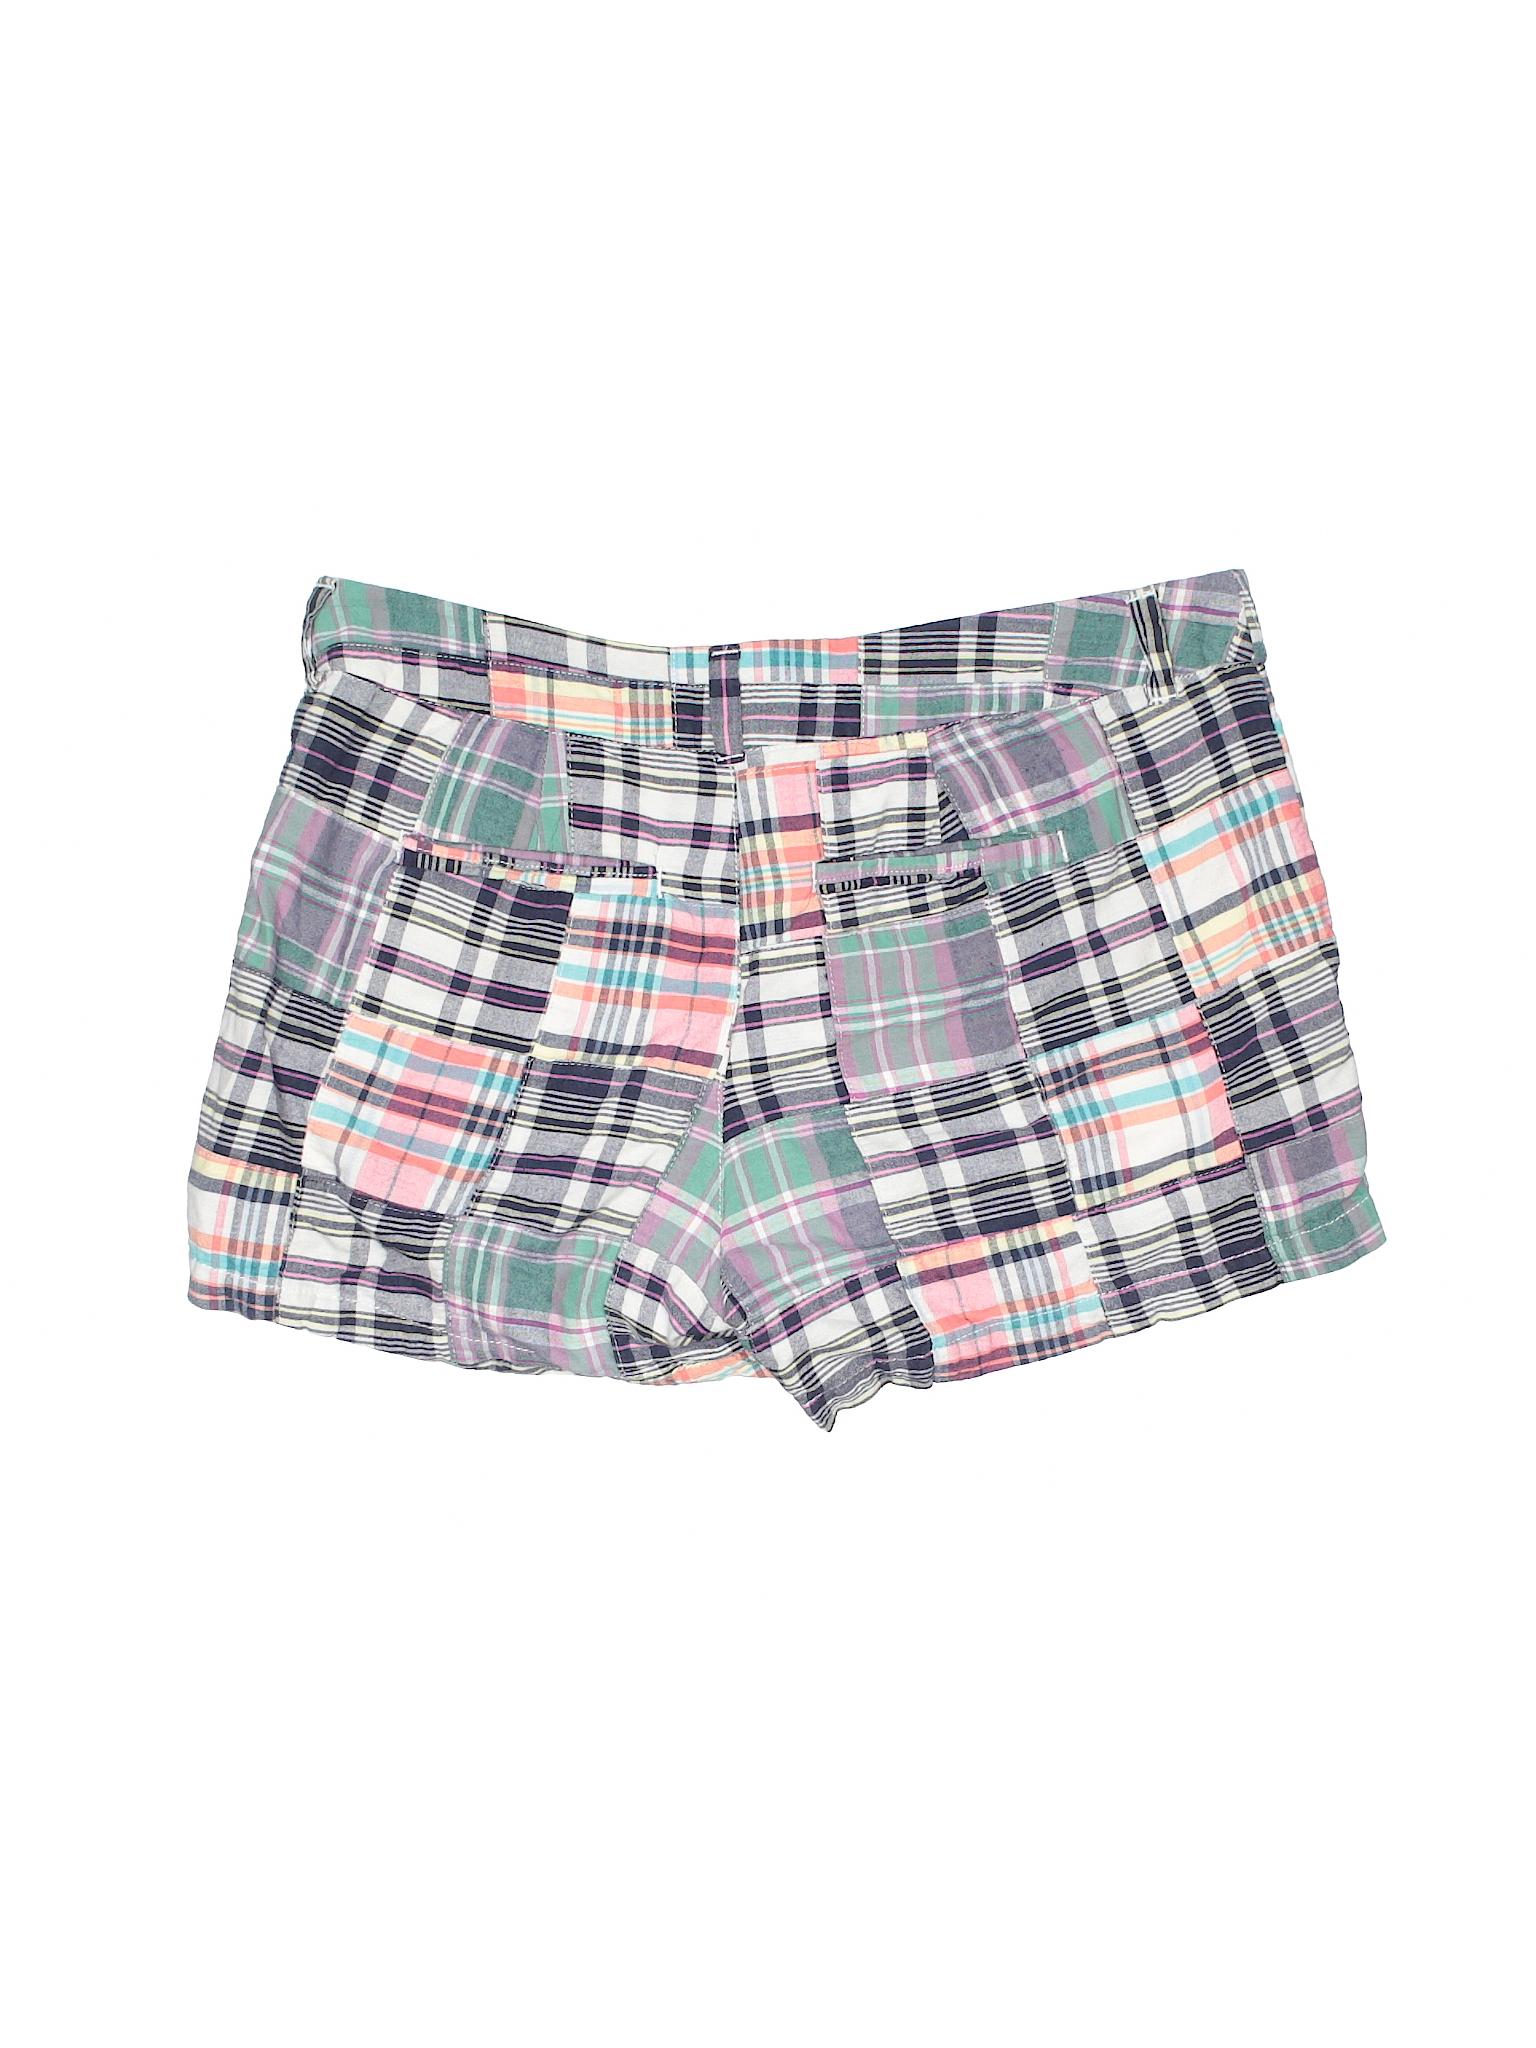 Boutique Boutique British Khaki British Shorts Khaki Khaki 6Sqw6r0